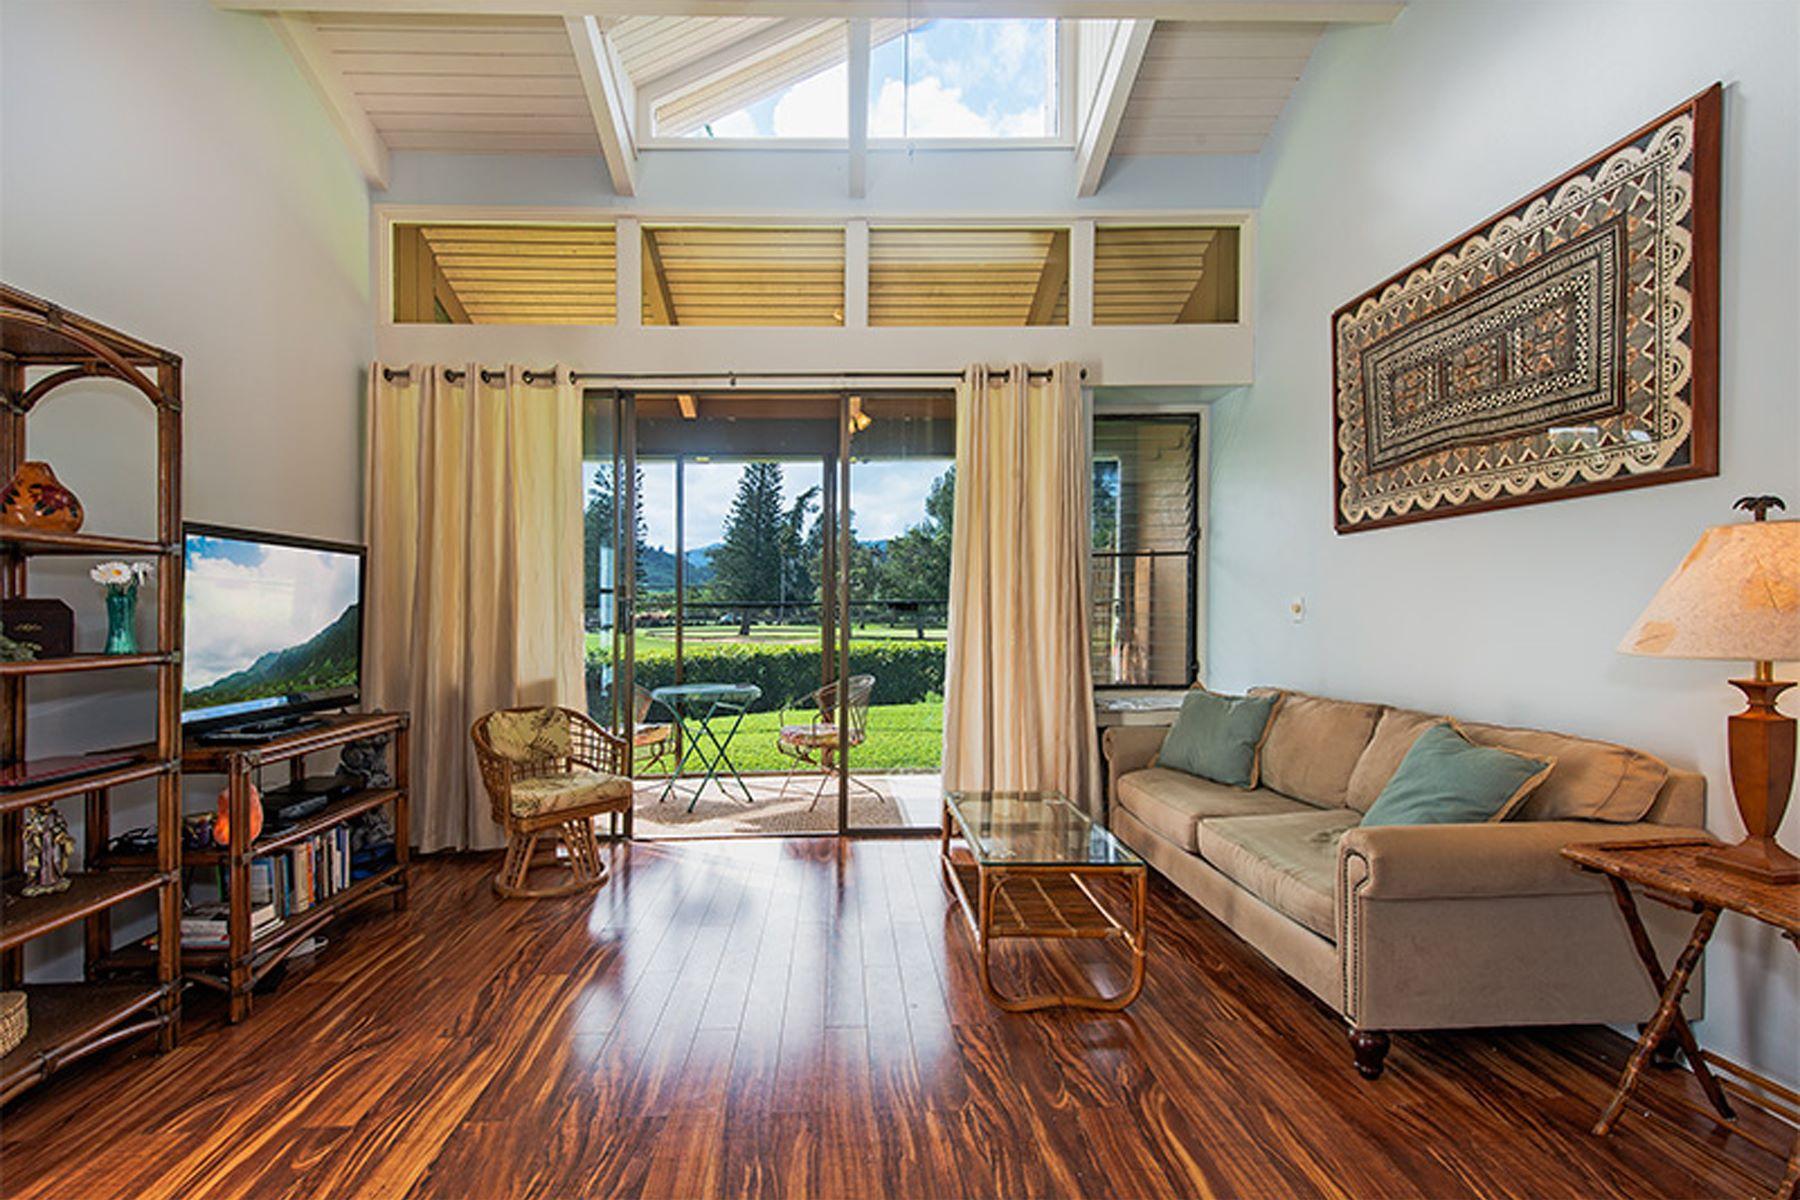 타운하우스 용 매매 에 Gated Kahuku Townhome 57-101 W Kuilima Drive #162 Kahuku, 하와이, 96731 미국